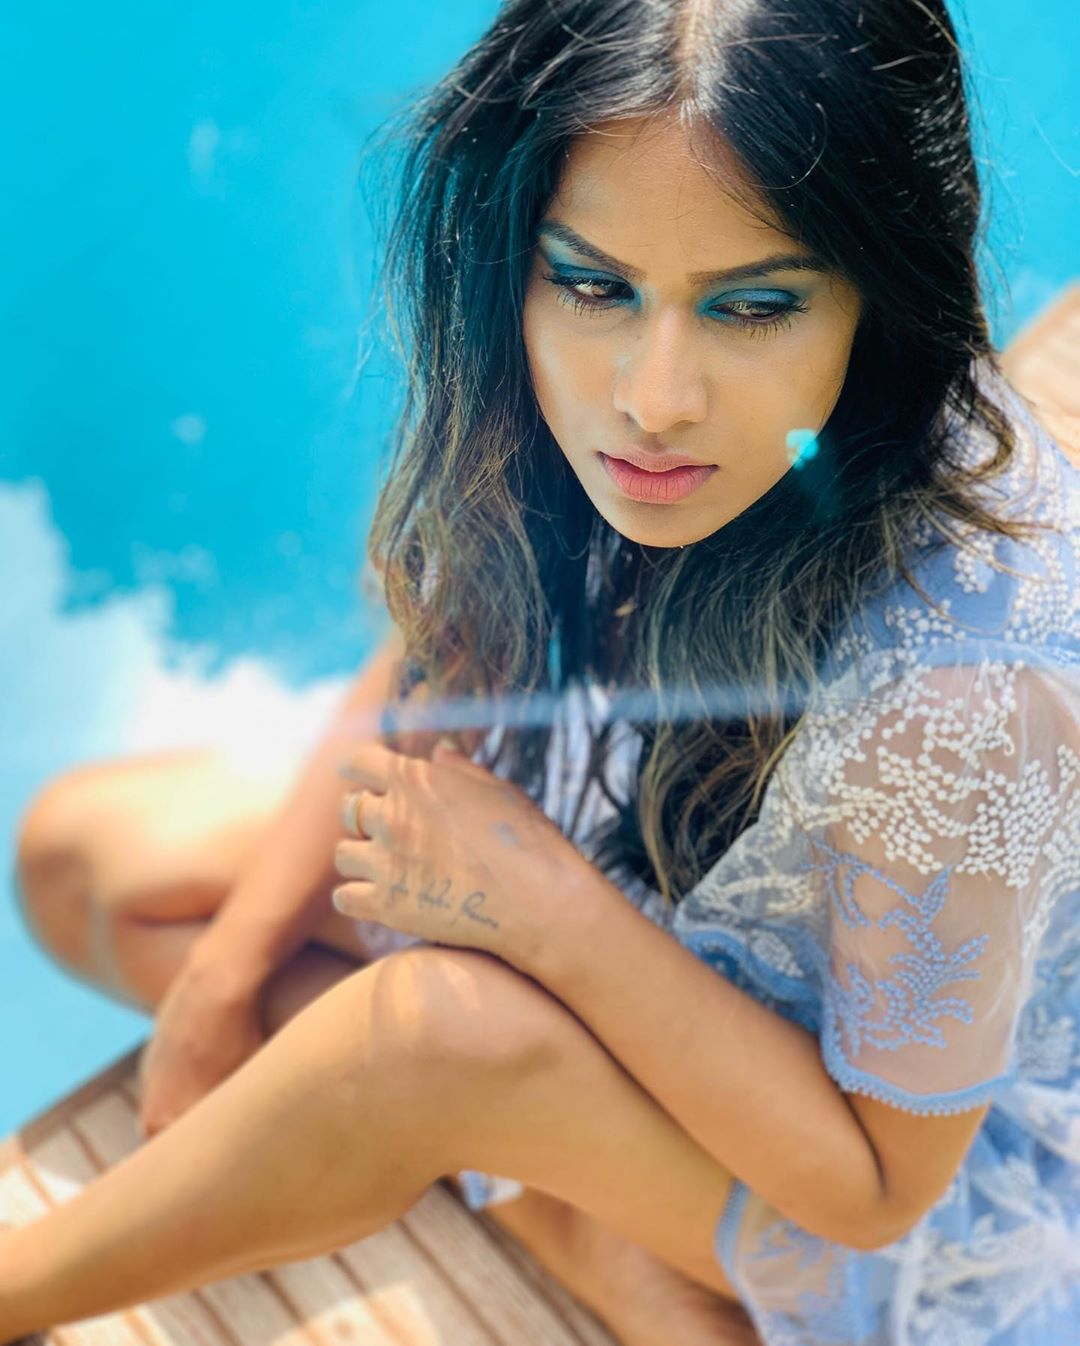 Bollywood Tadka, निया शर्मा इमेज, निया शर्मा फोटो, निया शर्मा पिक्चर